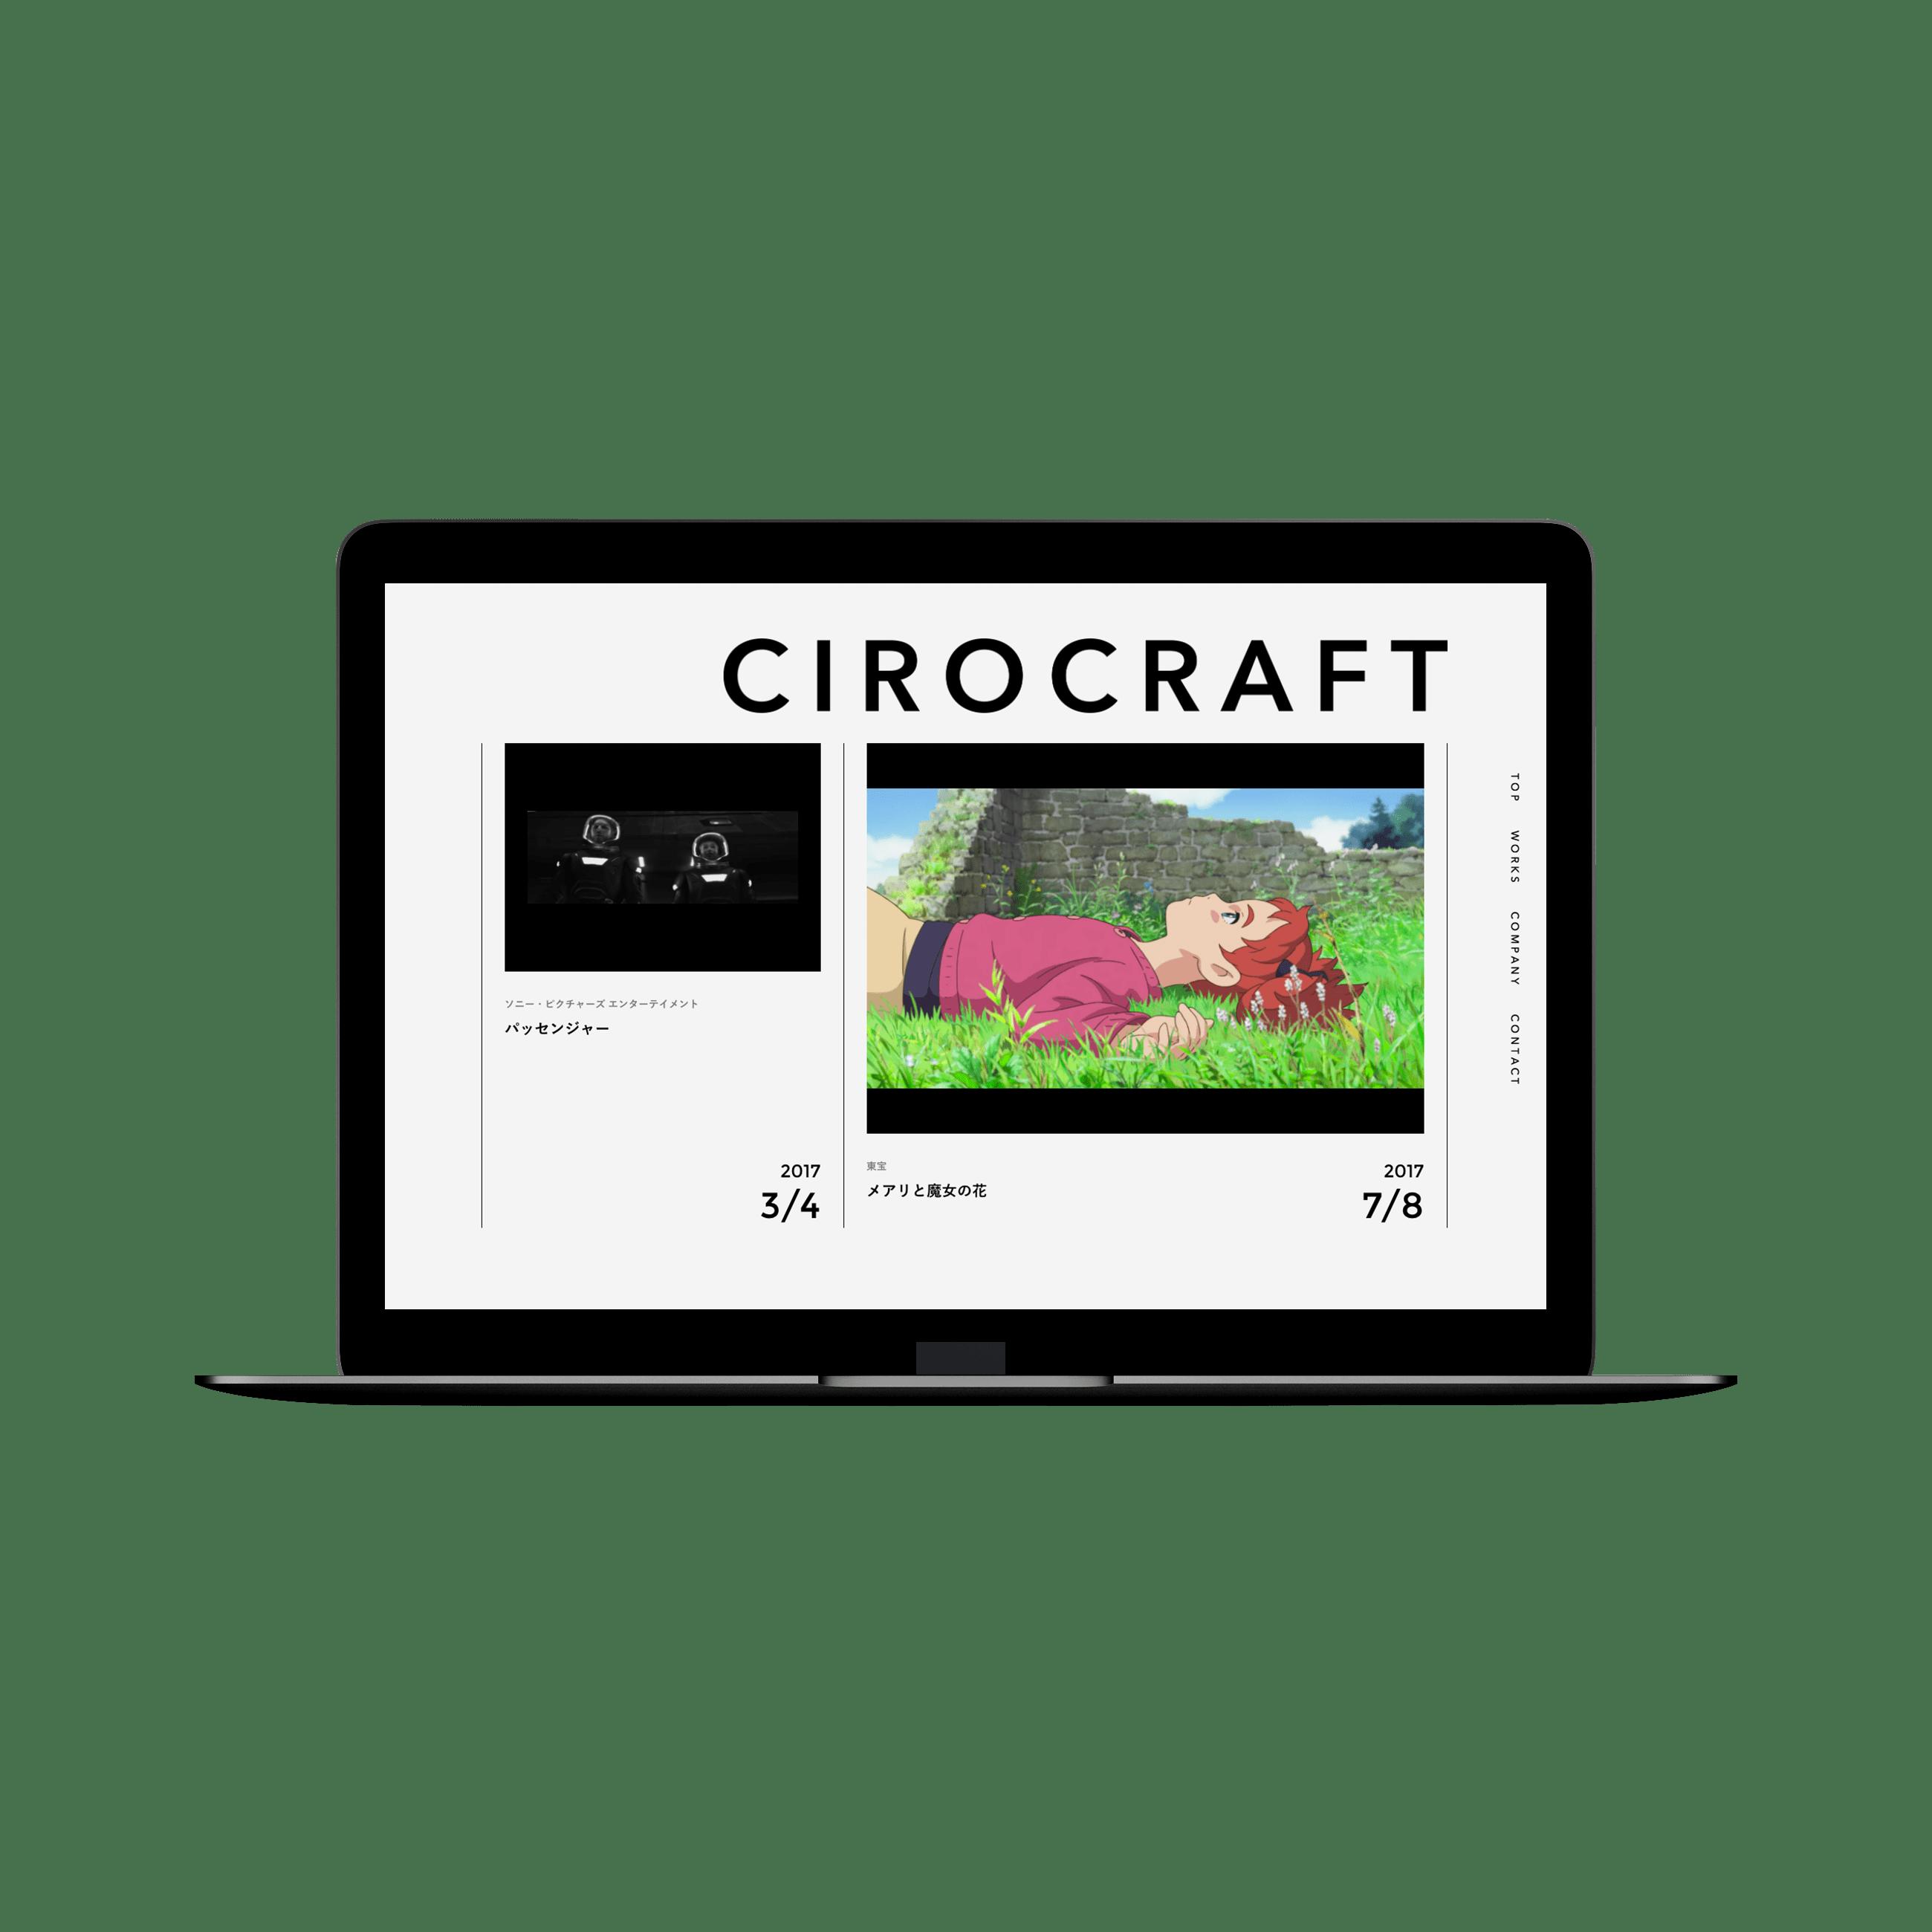 CIROCRAFT Inc.